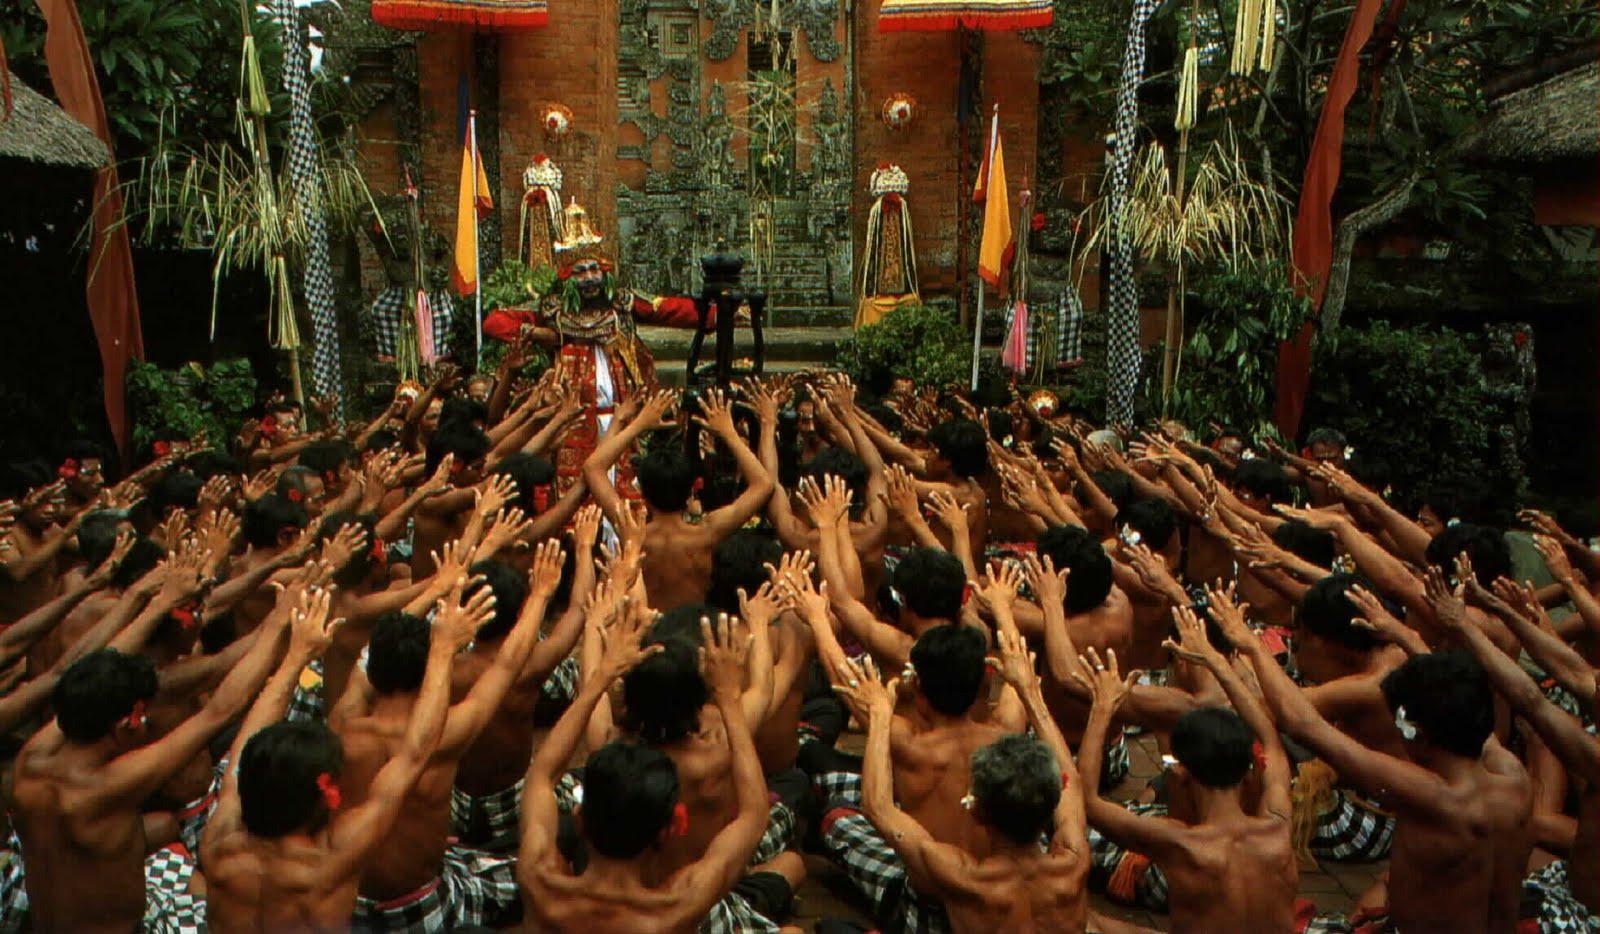 Belonging To Indonesia Culture Of Bali Indonesia Tari Kecak